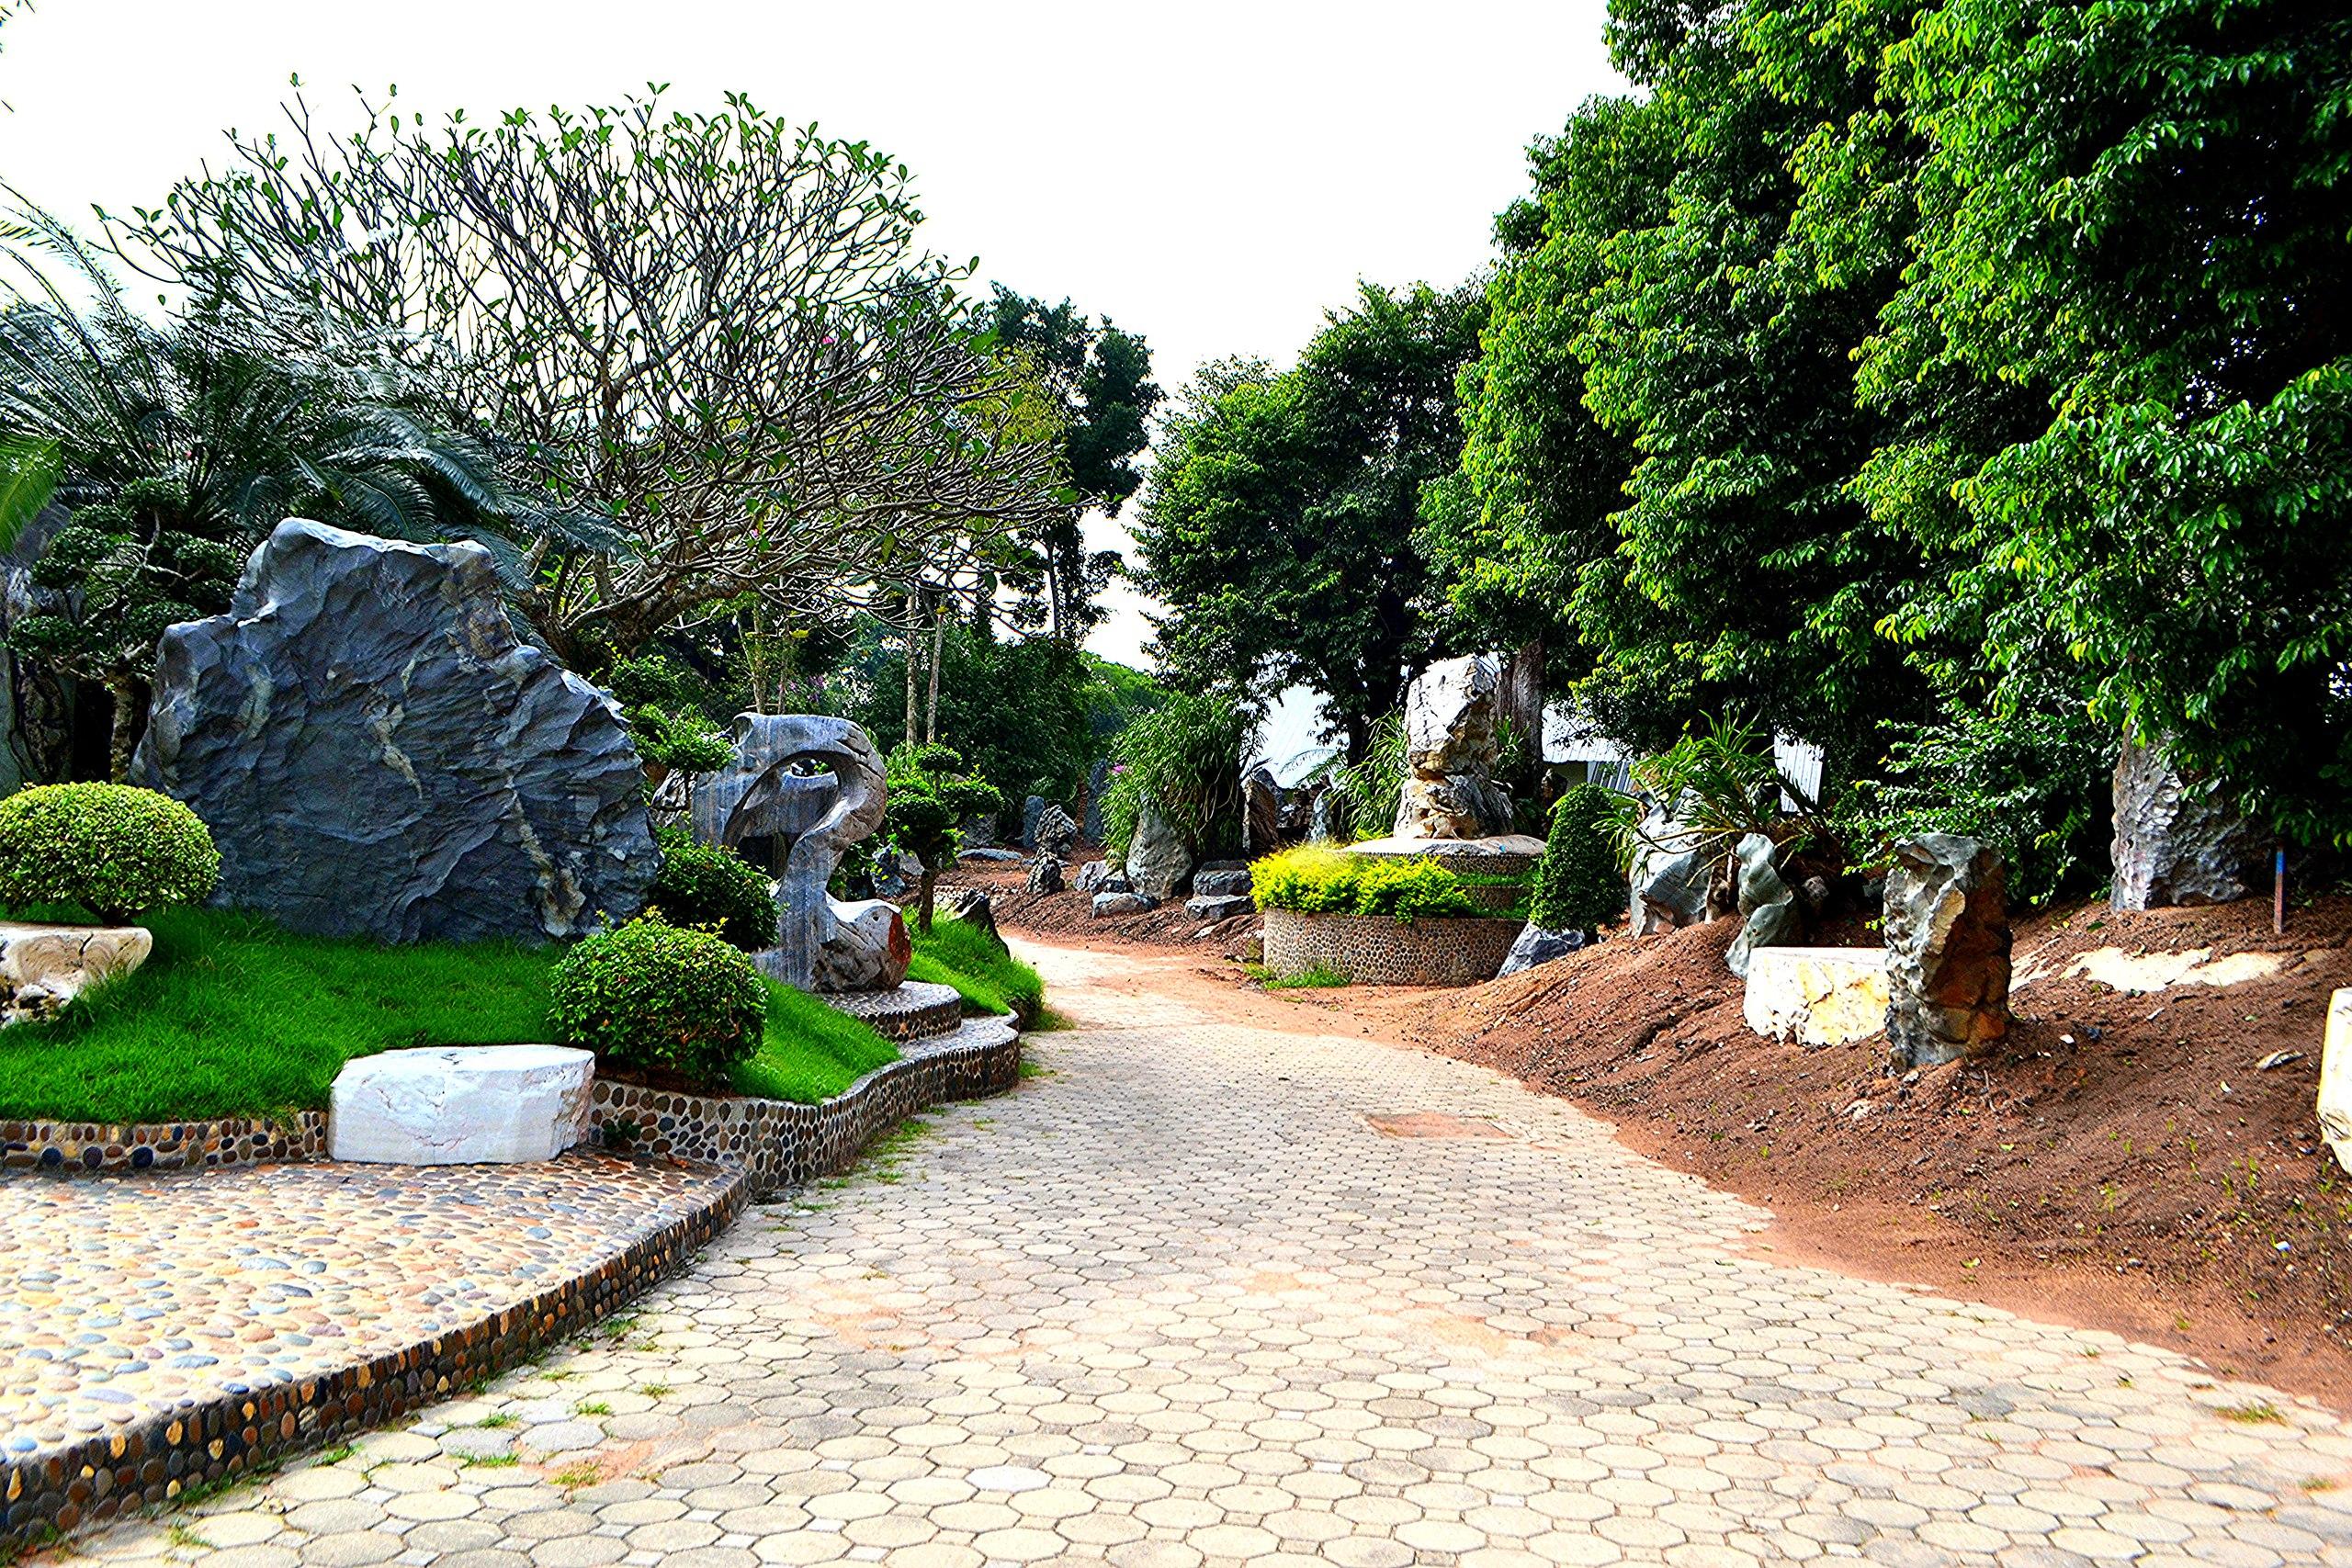 Елена Руденко ( Валтея ). Таиланд. Парк миллионолетних камней и крокодиловая ферма. S7ug0NnIkAk